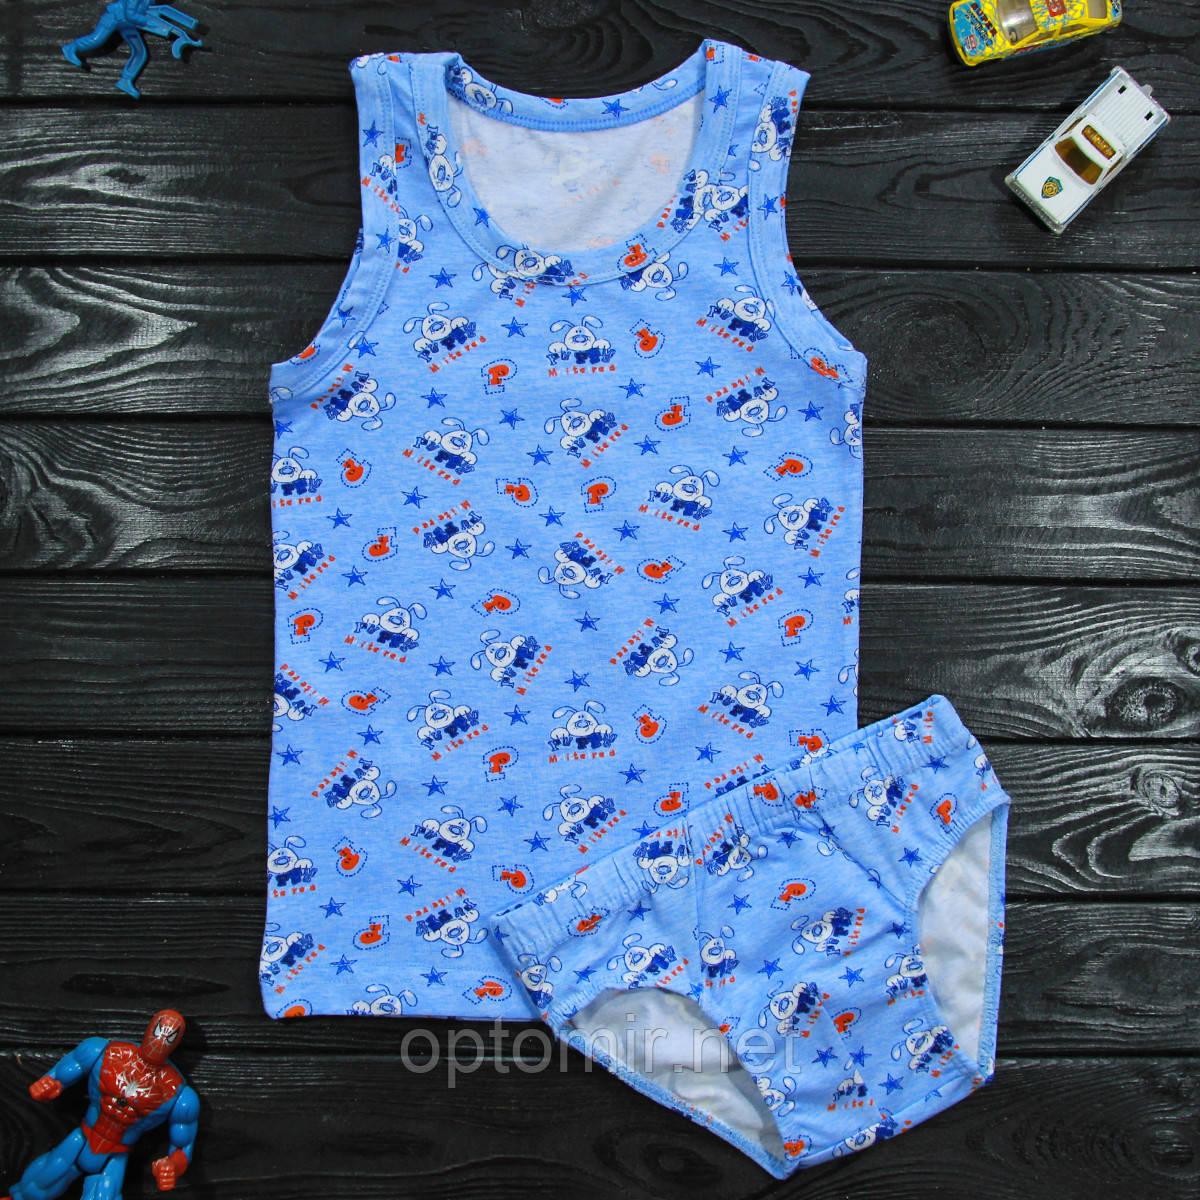 Комплект дитячий Donella Туреччина синій для хлопчика на 6/7 років | 1 шт.